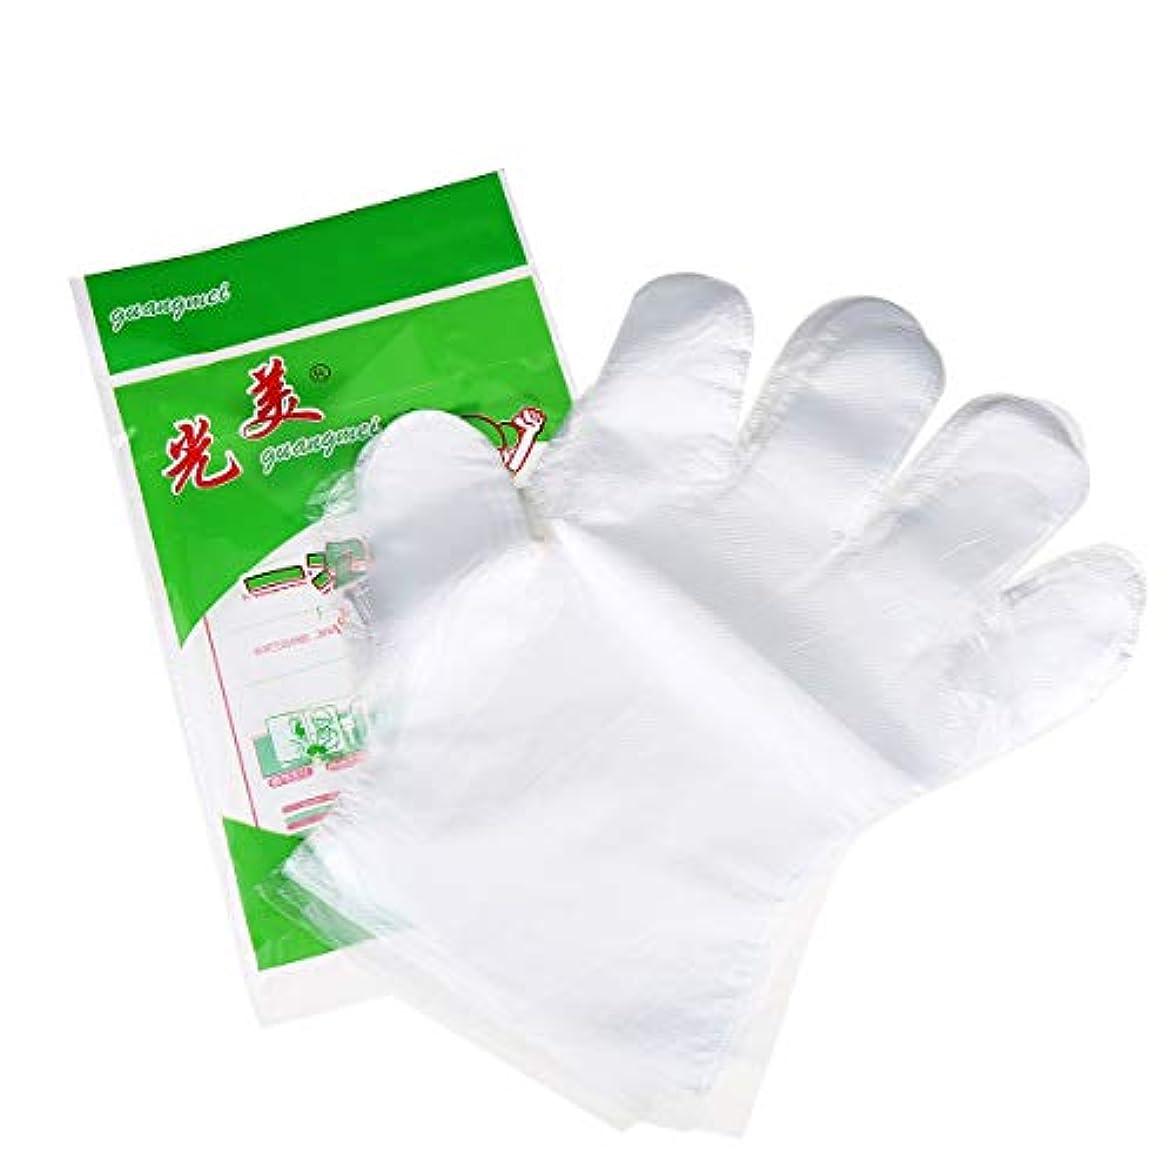 スペインあなたのもののためにCCINEE 使い捨て手袋 極薄ビニール手袋 ポリエチレン 透明 実用 衛生 100枚セット極薄手袋 調理に?お掃除に?毛染めに